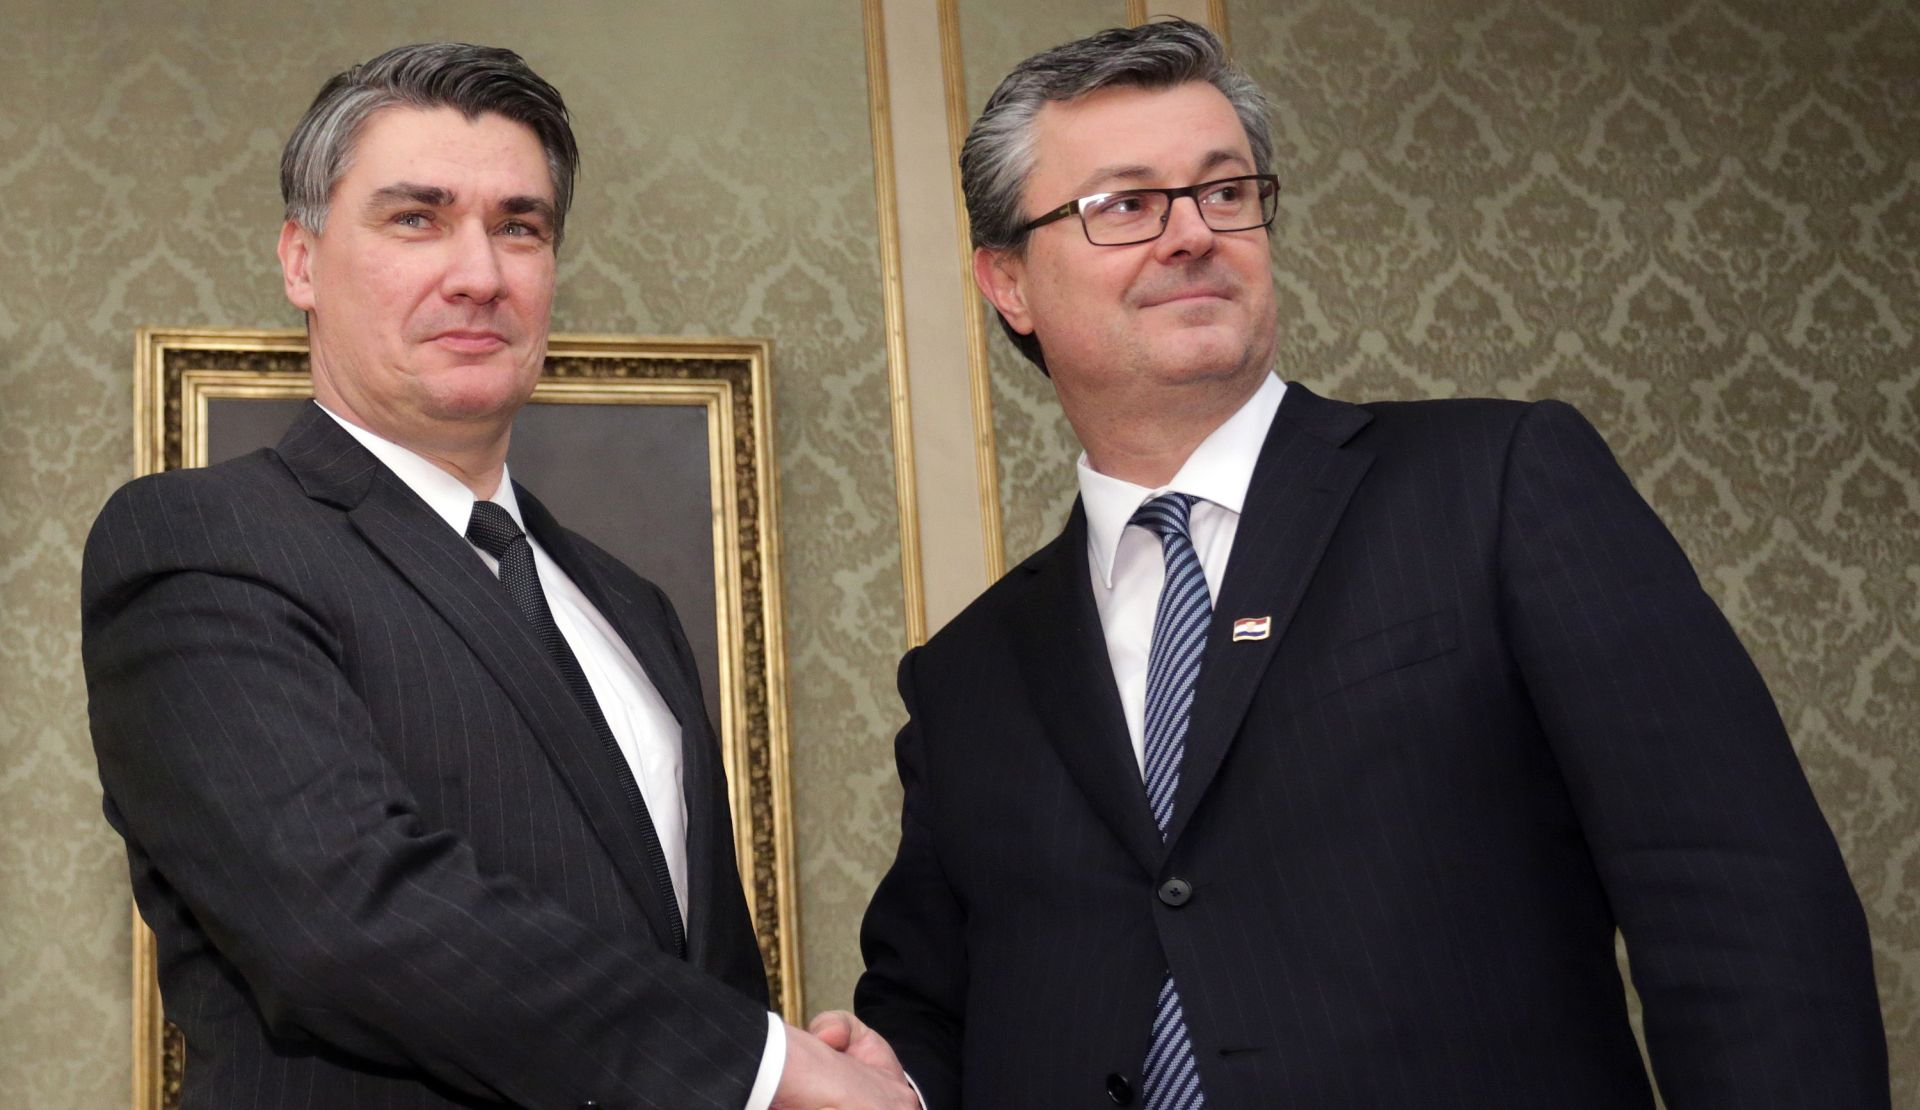 BANSKI DVORI Milanović predao vlast Oreškoviću